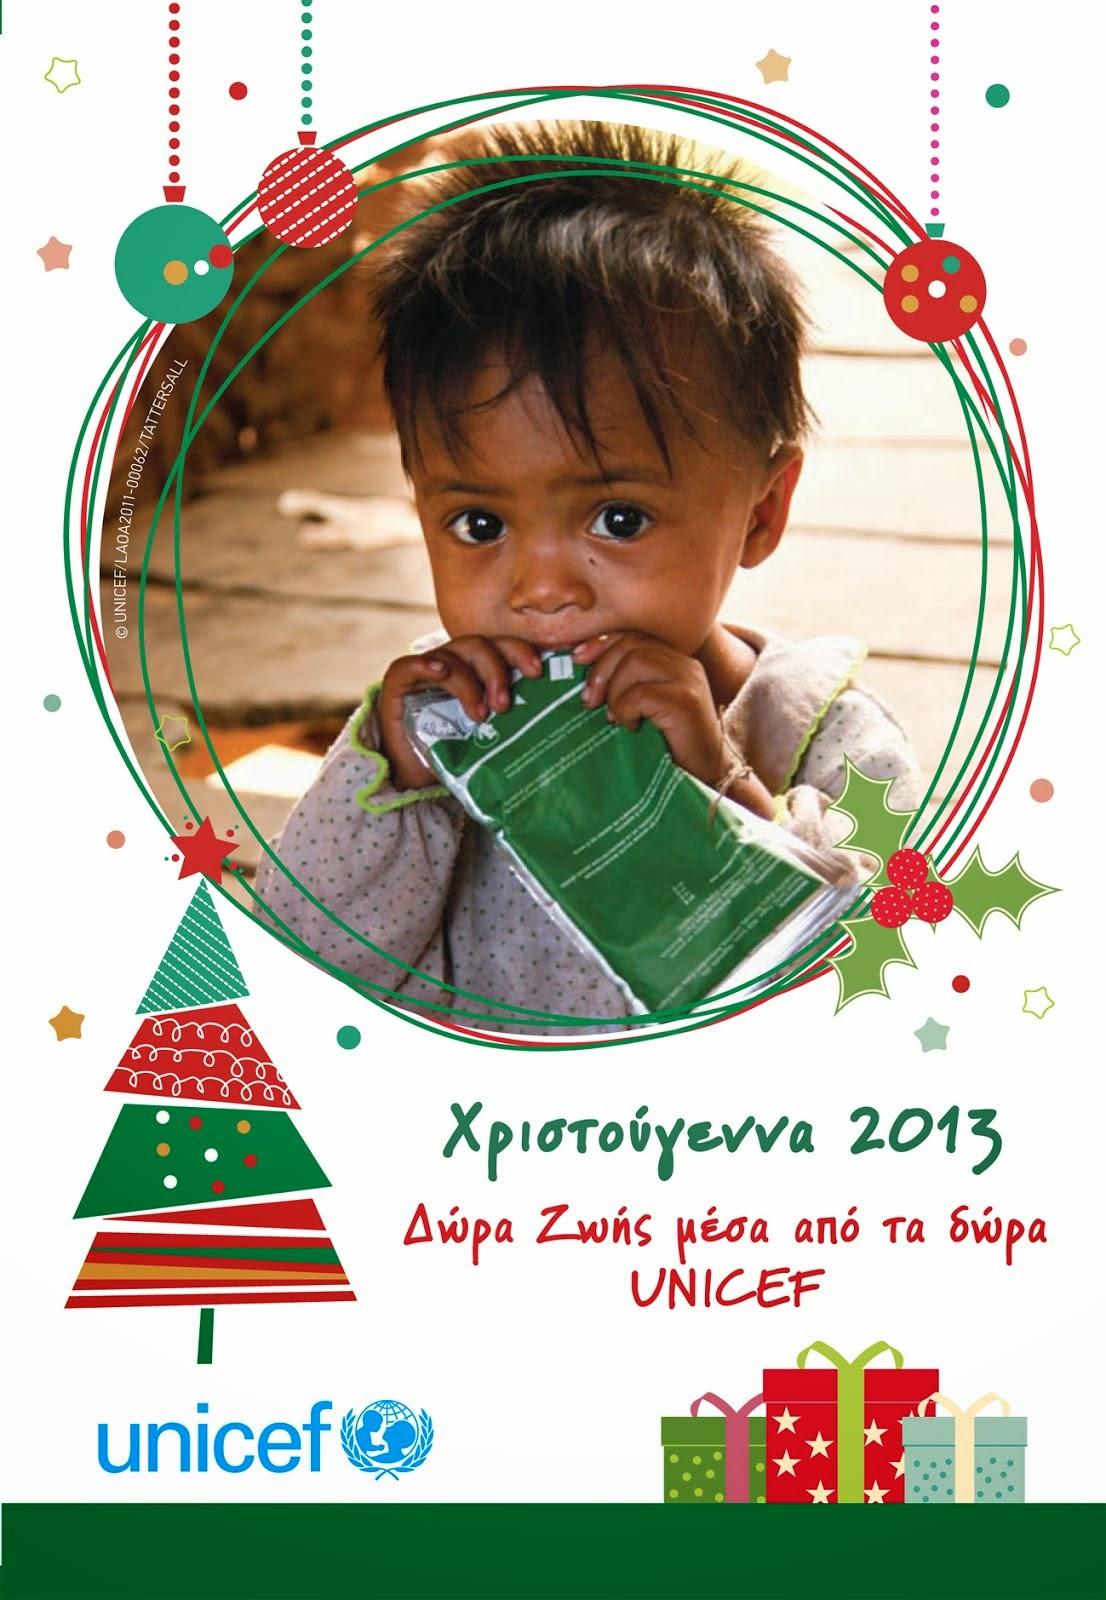 Στηρίζουμε το έργο της Unicef